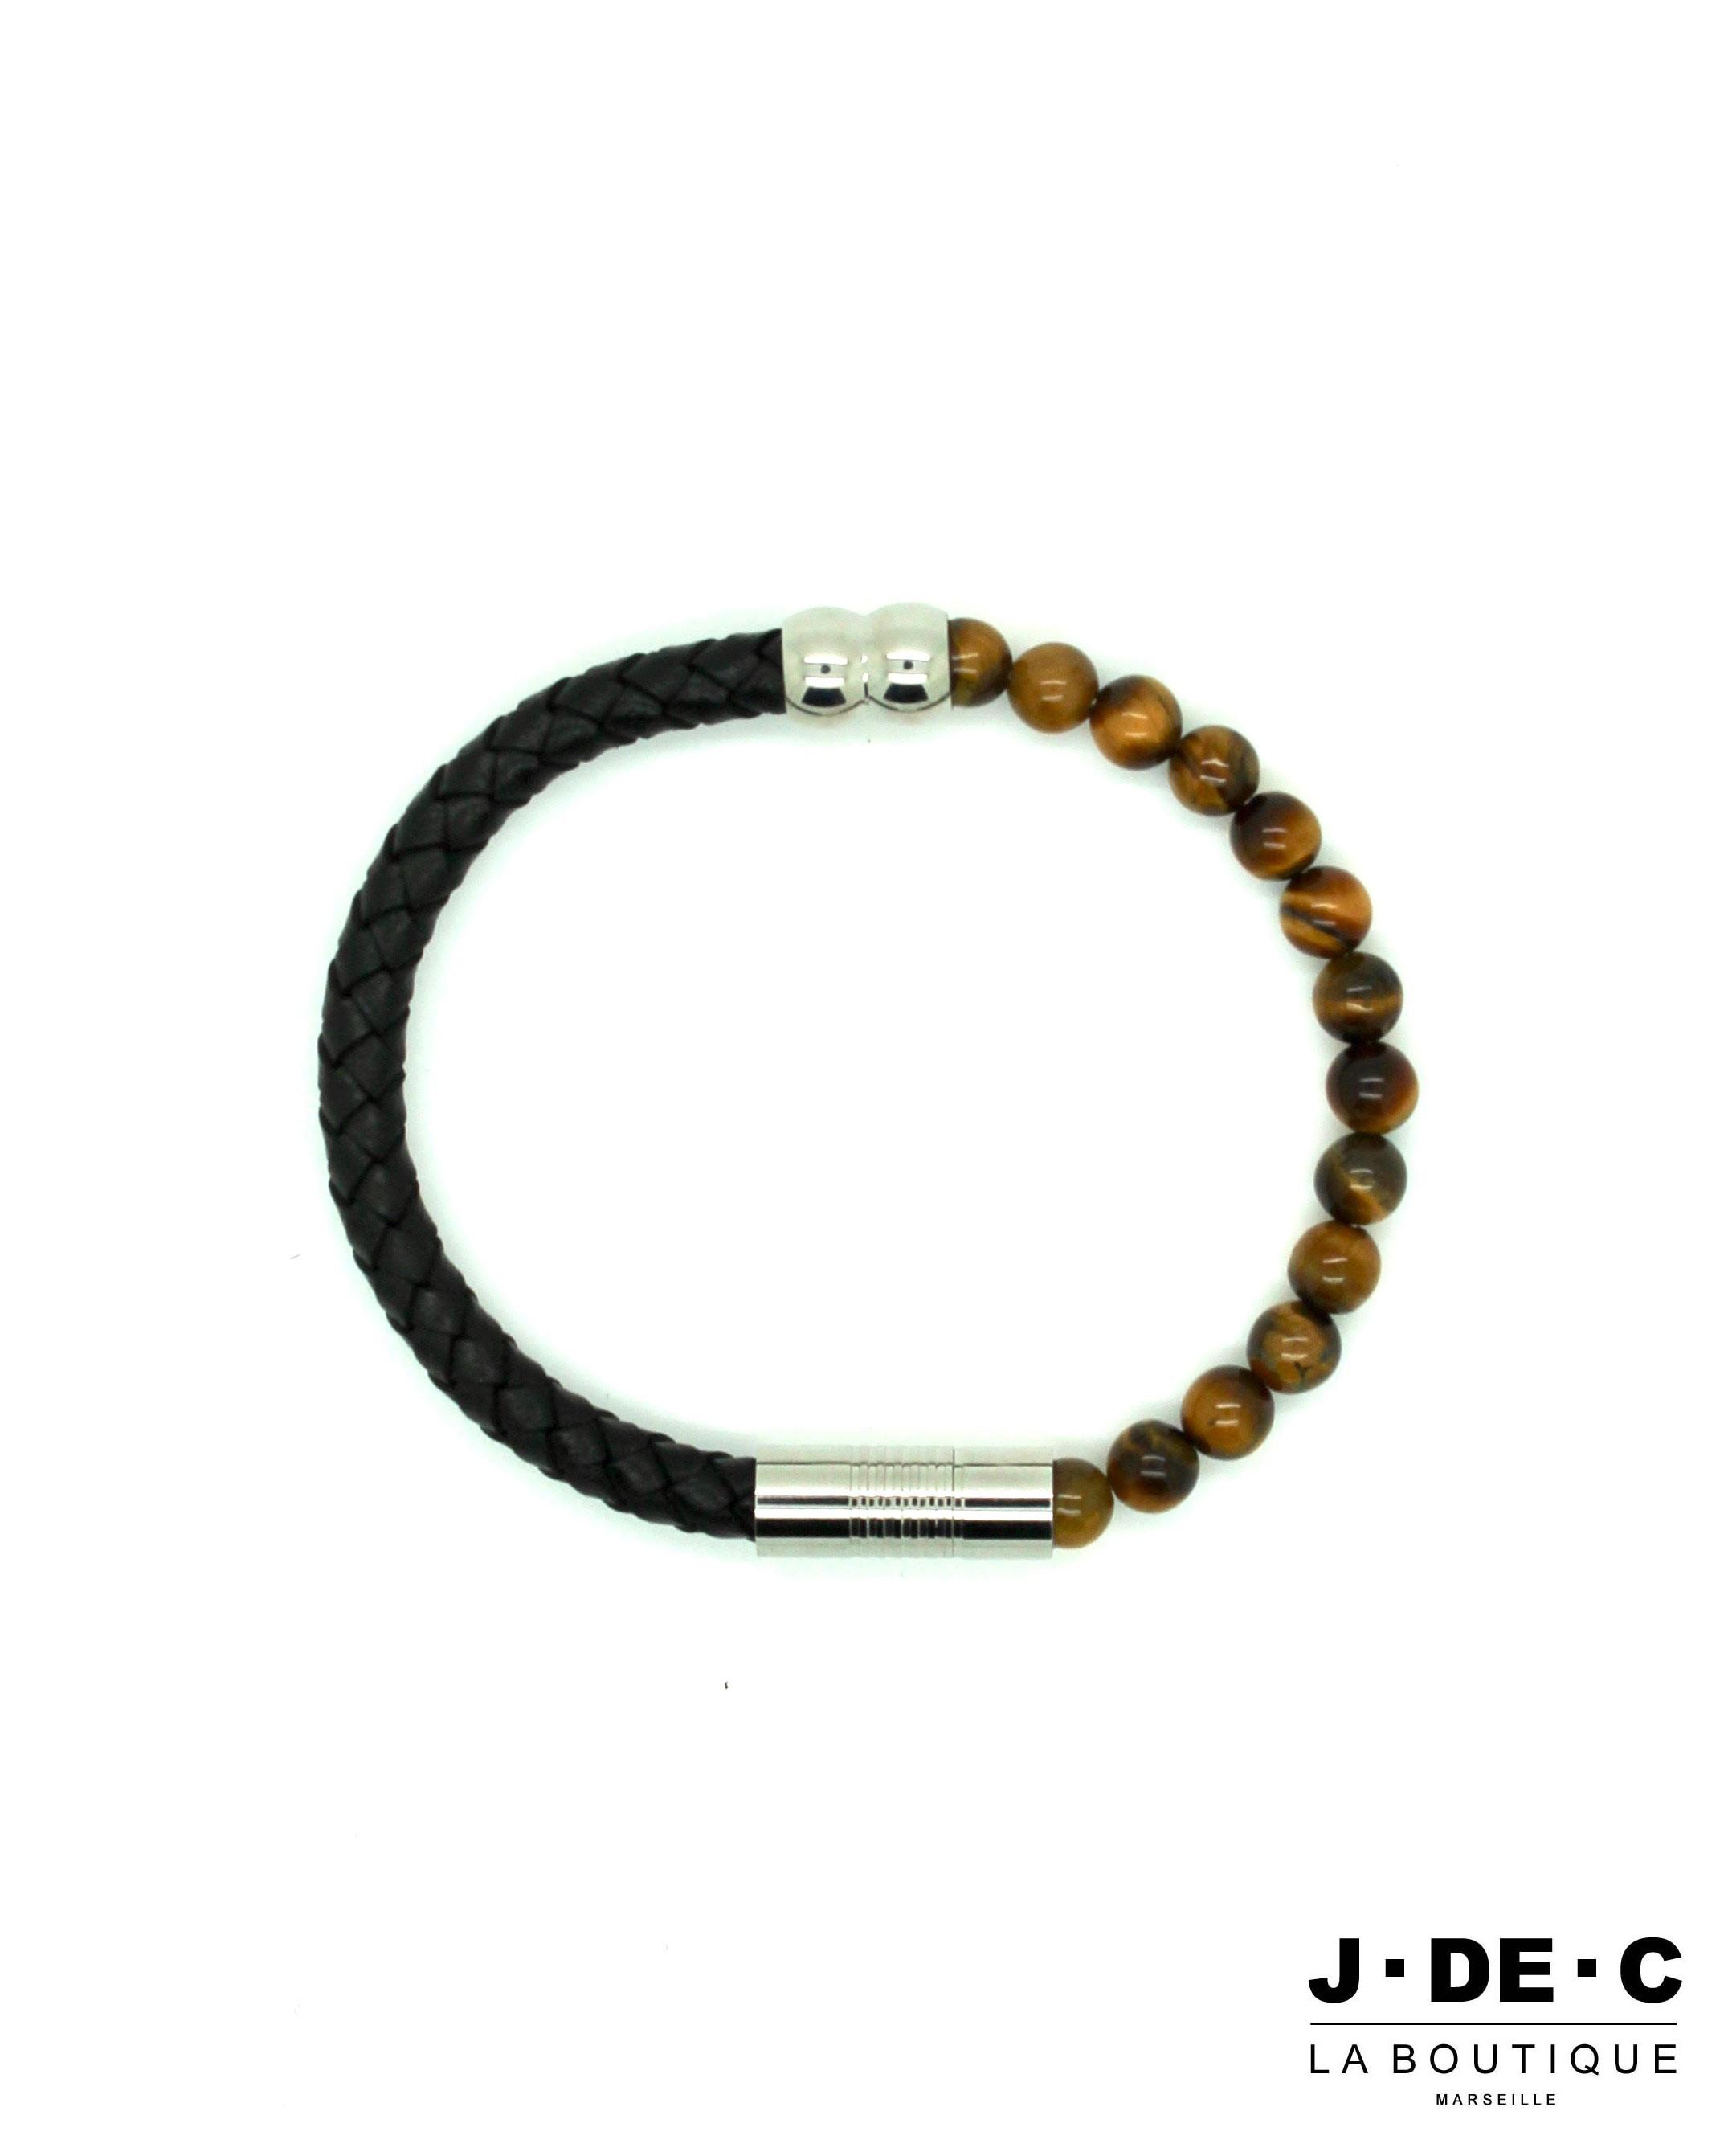 Bracelet Homme Cuir & Perles Oeil du Tigre - J.DE.C MODE